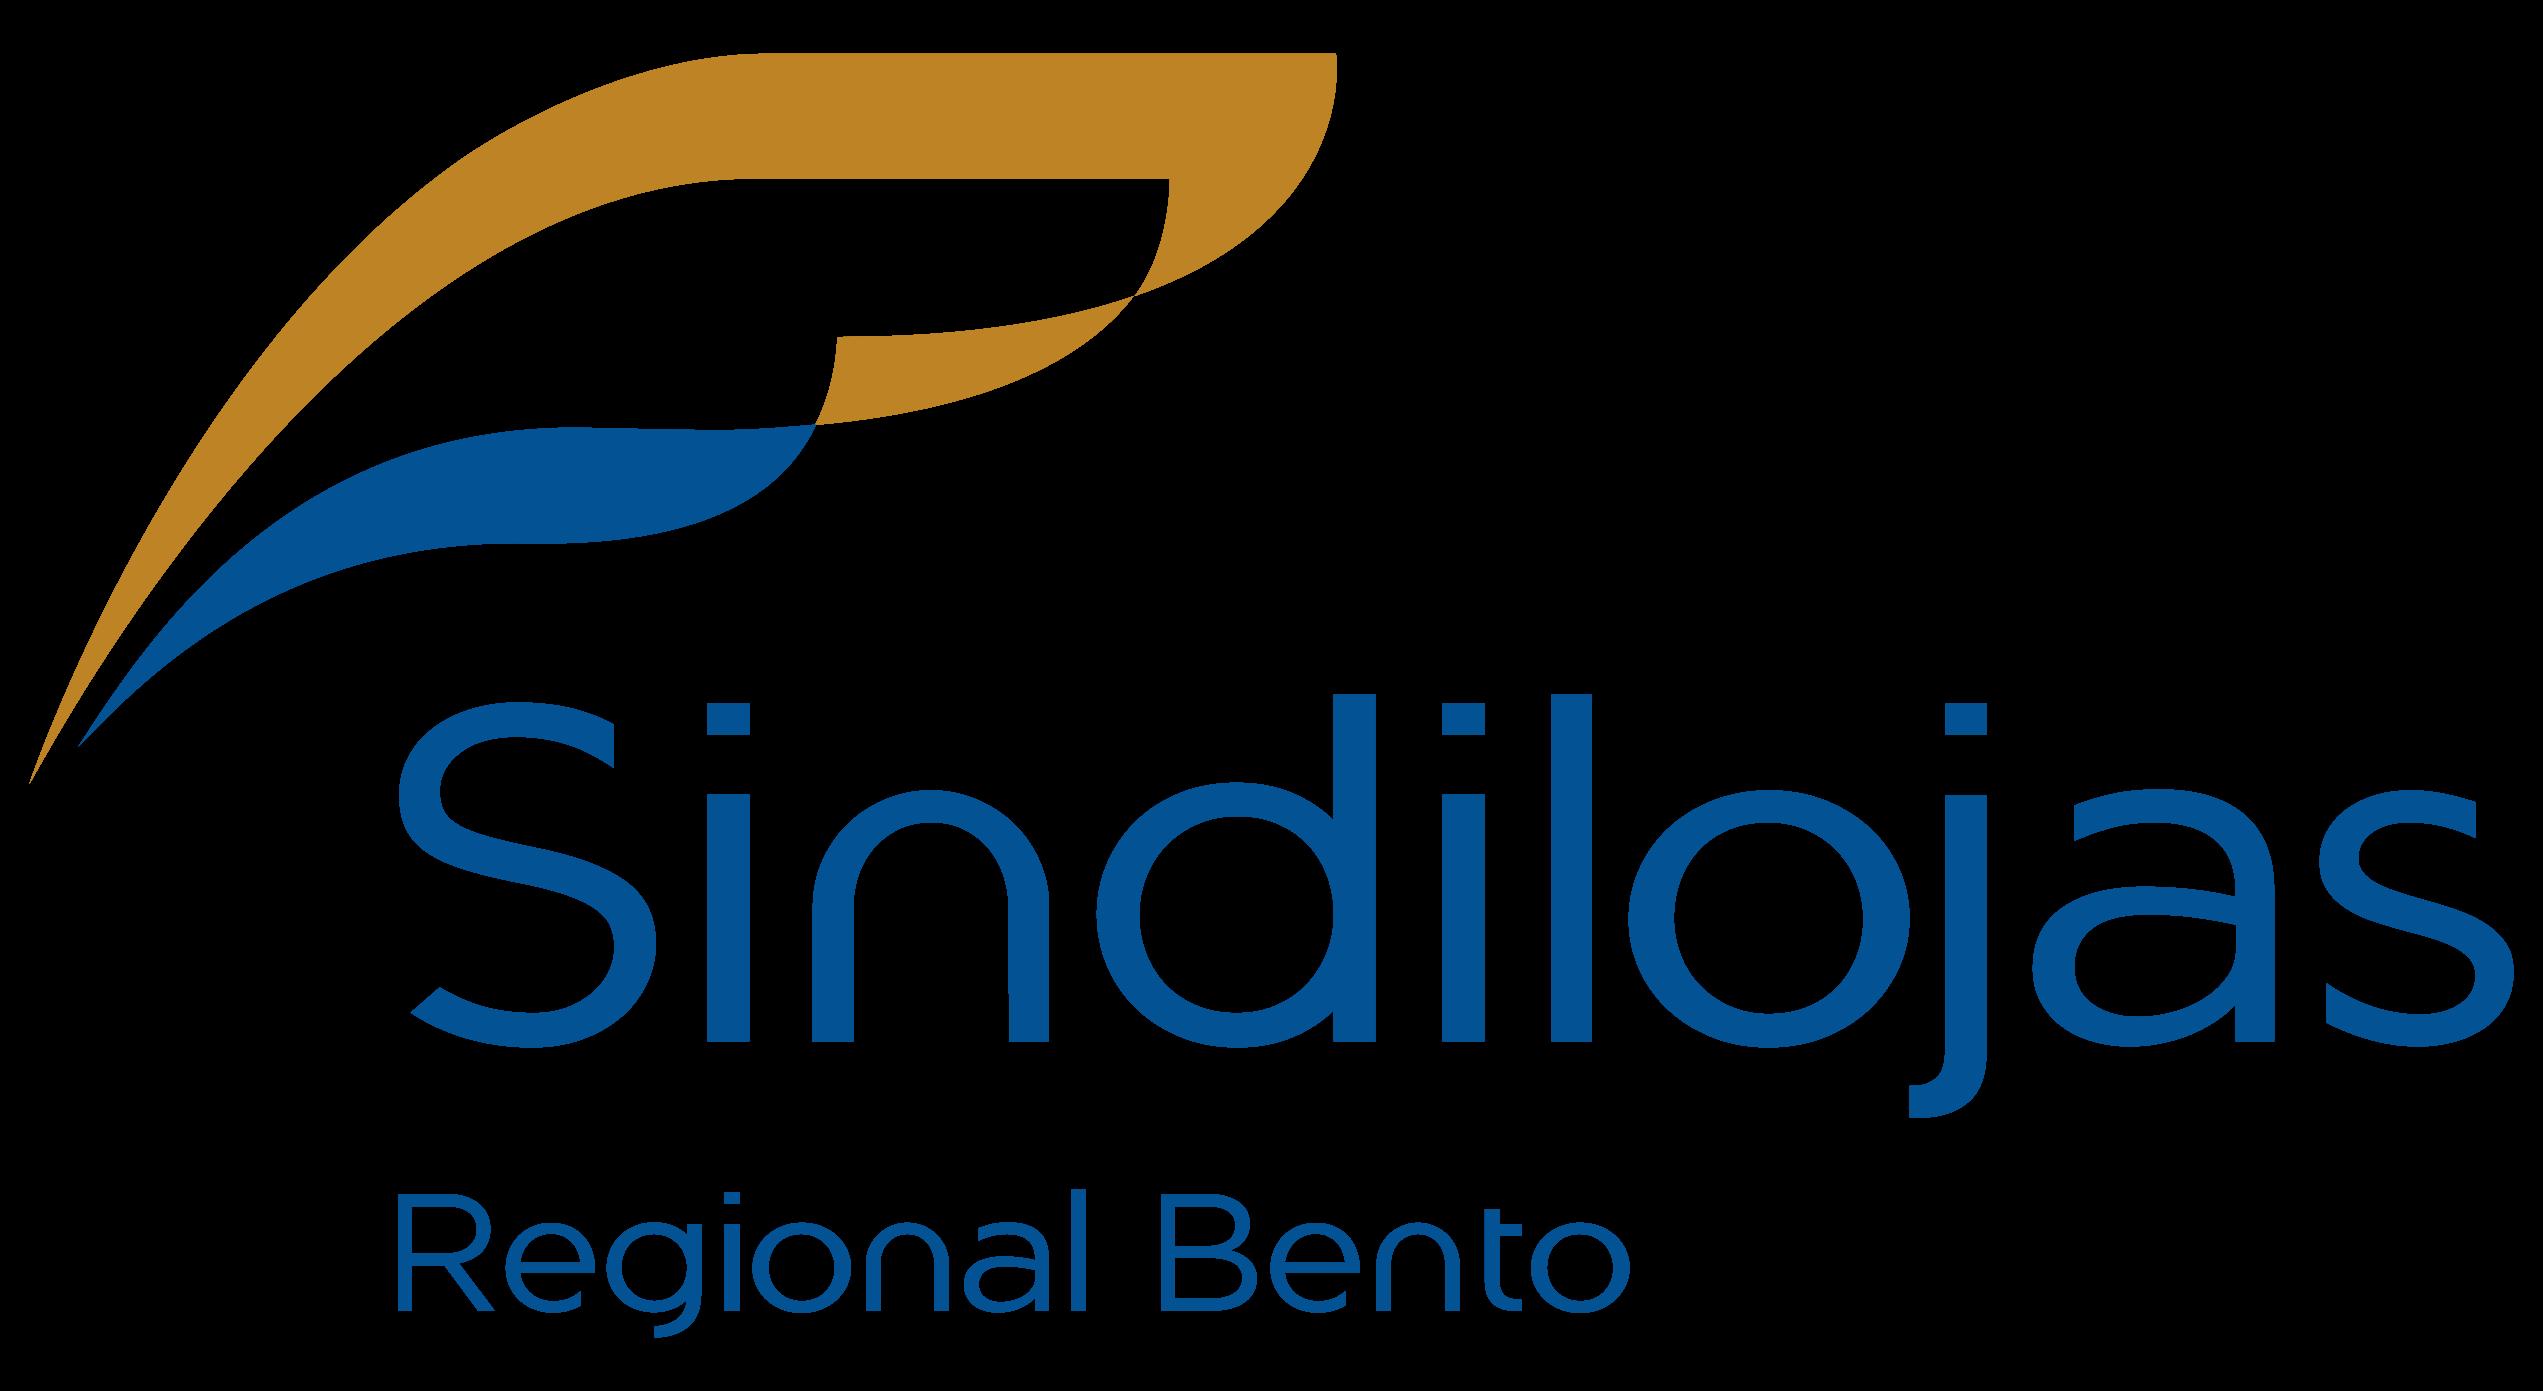 Sindilojas Regional Bento